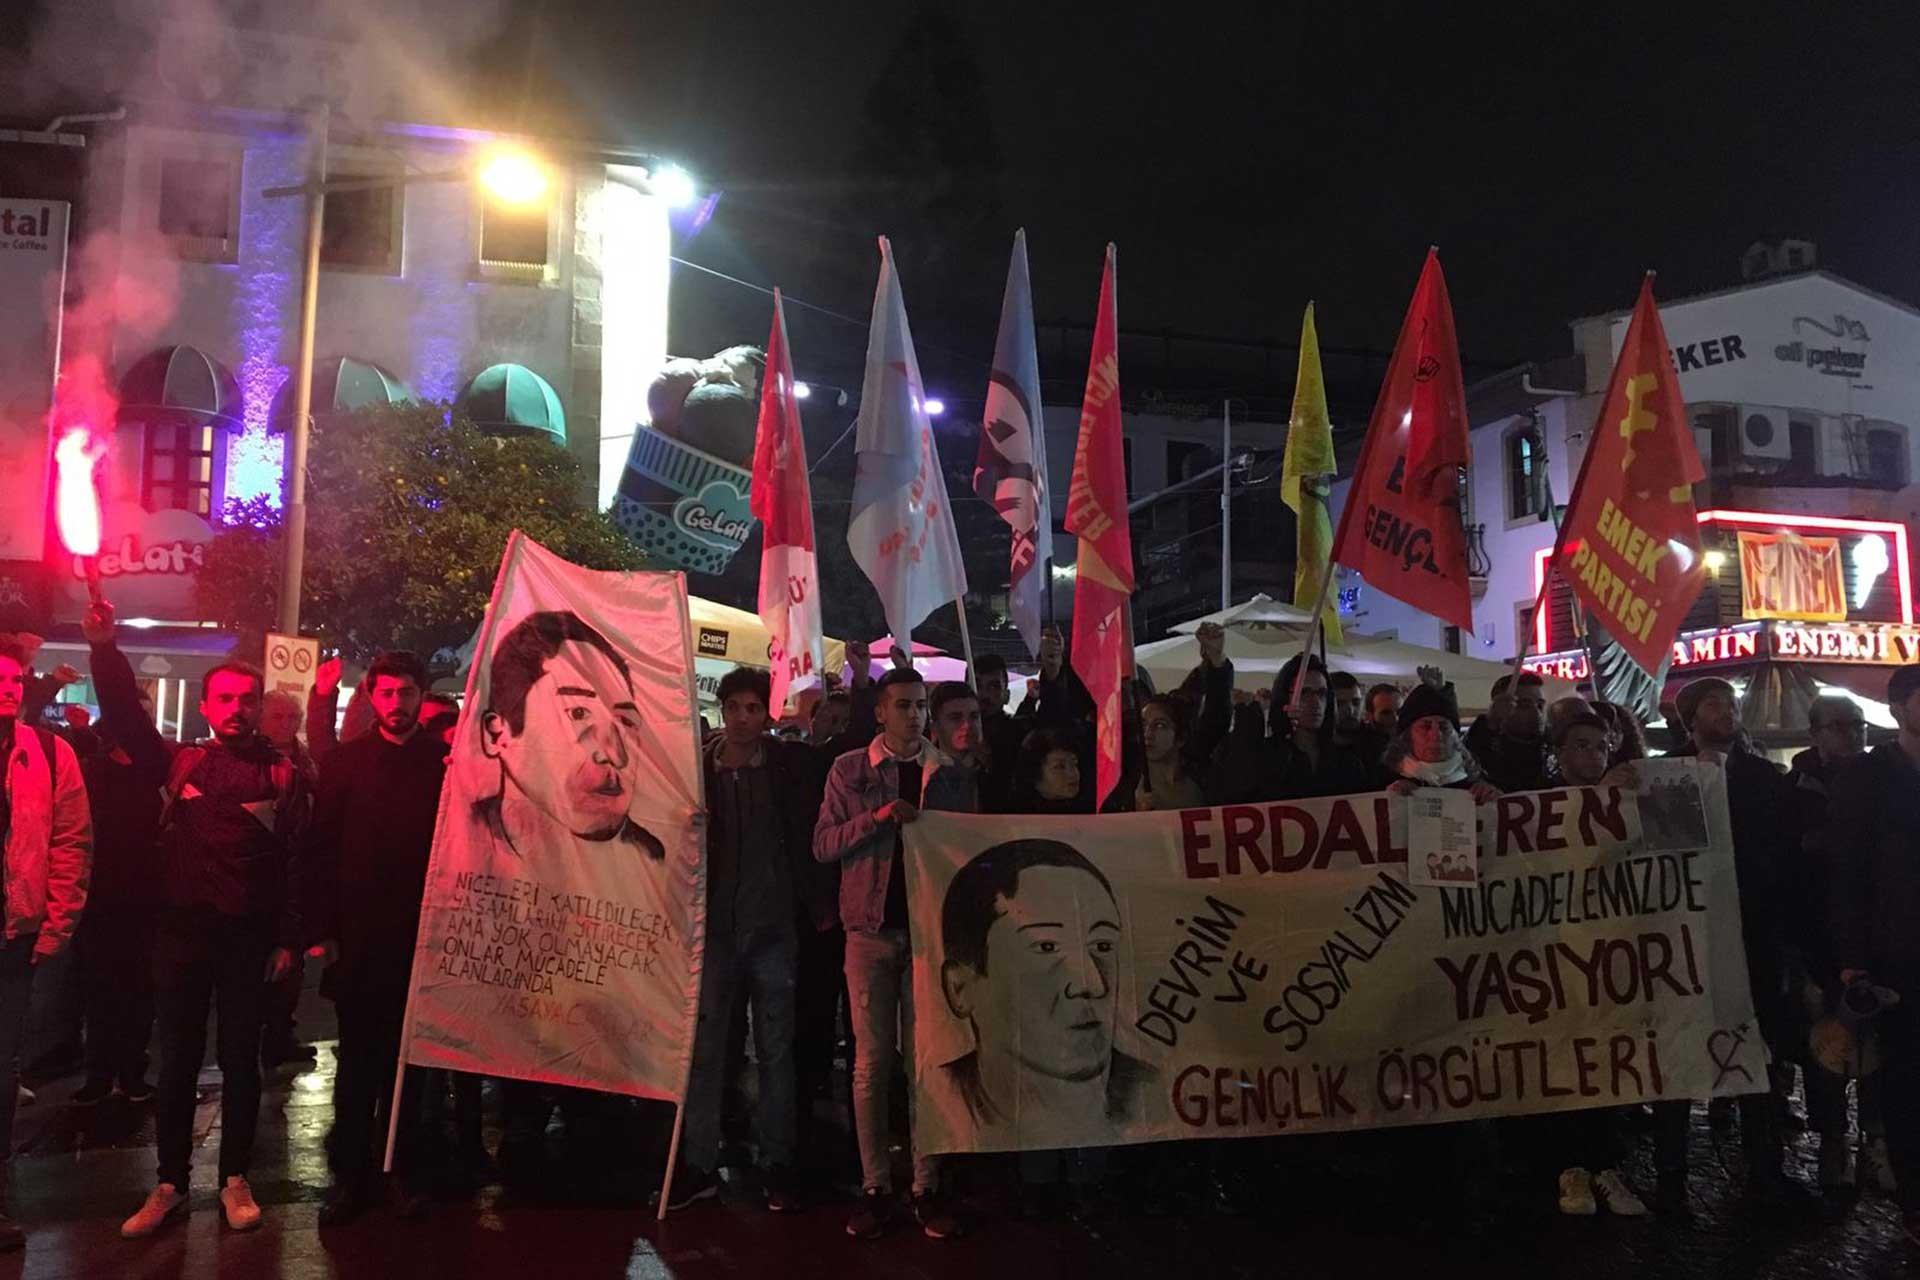 Erdal Eren pankartı arkasında, ellerinde meşale taşıyan gençler.